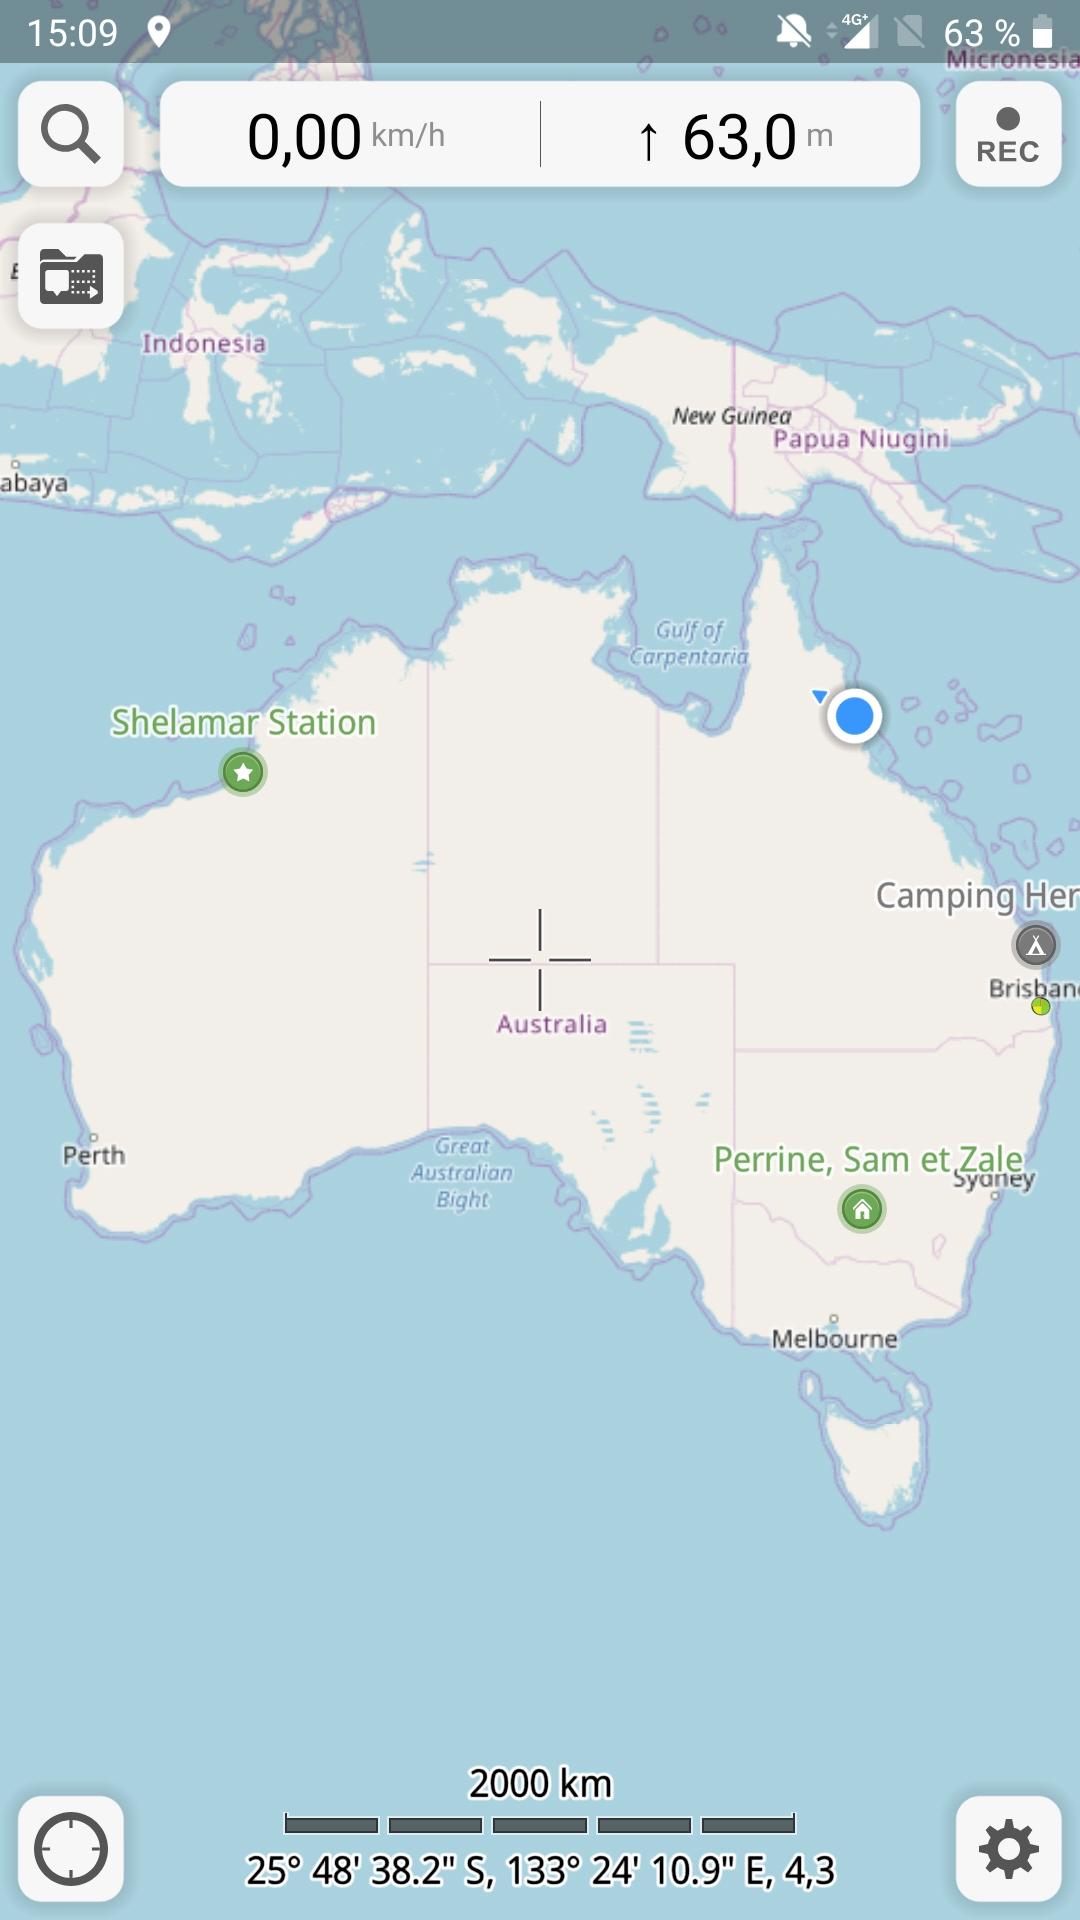 Cairns c'est le point bleu en haut à droite sur la carte